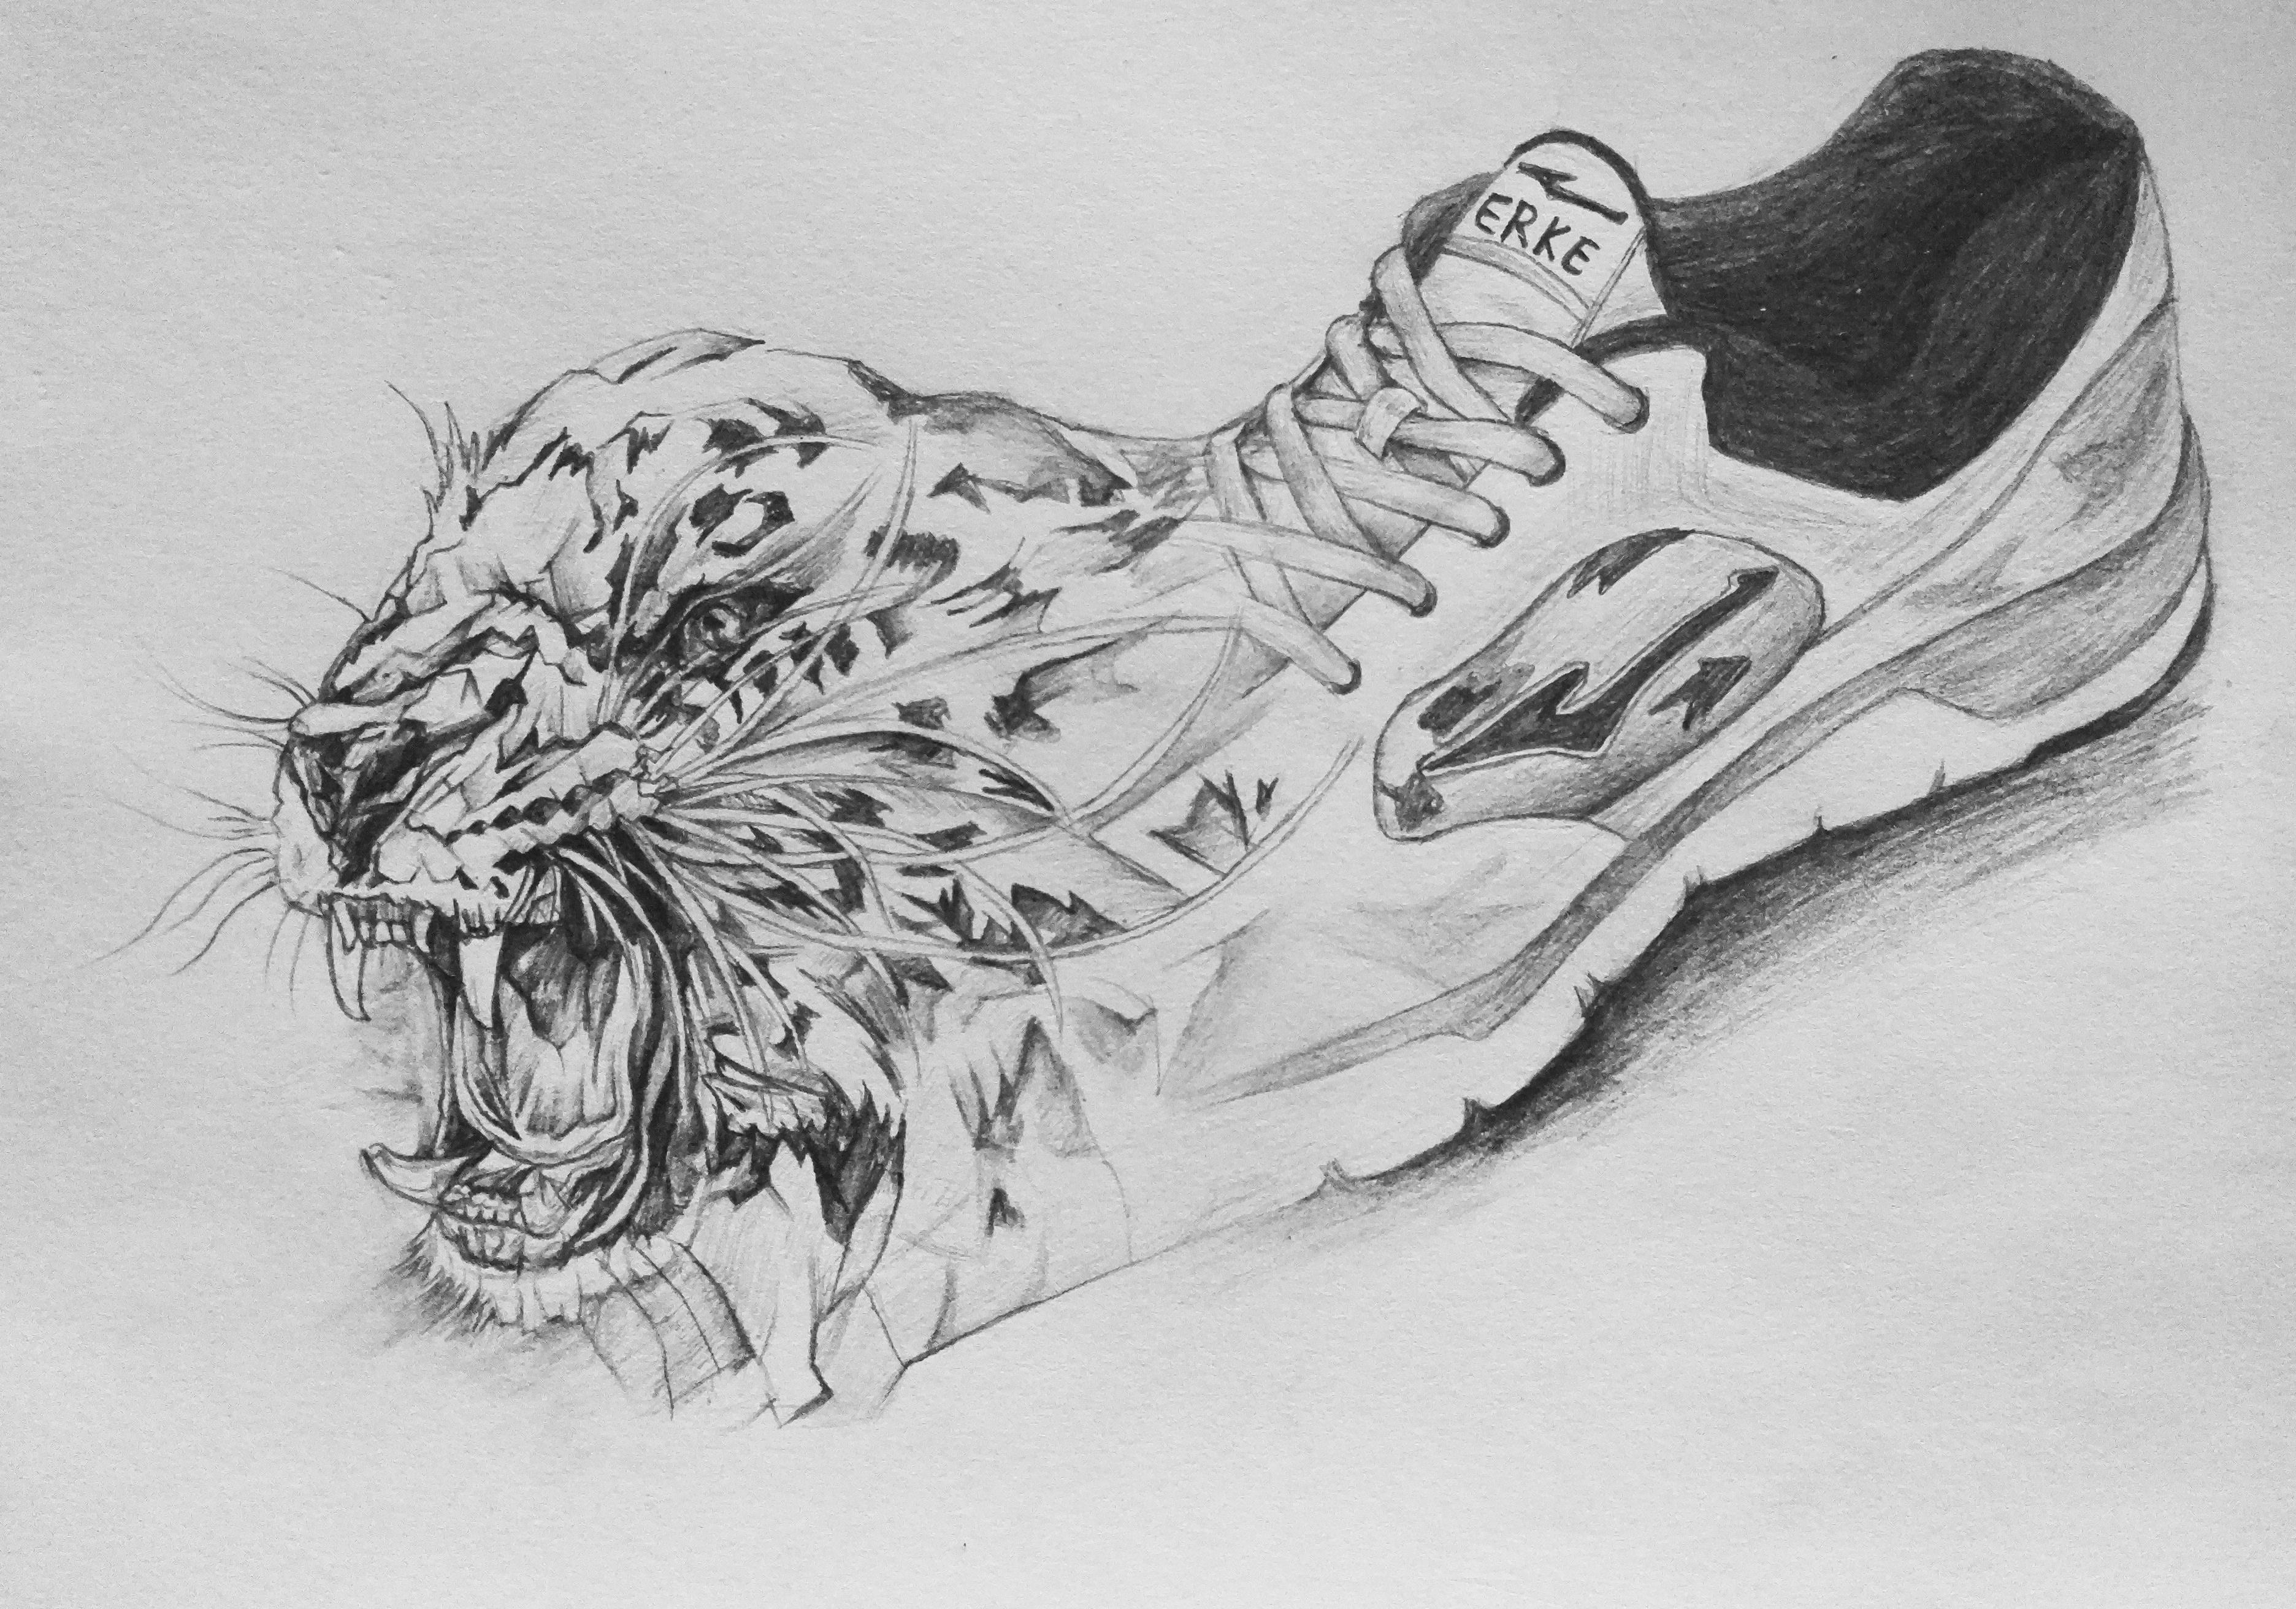 手绘豹子头像图片